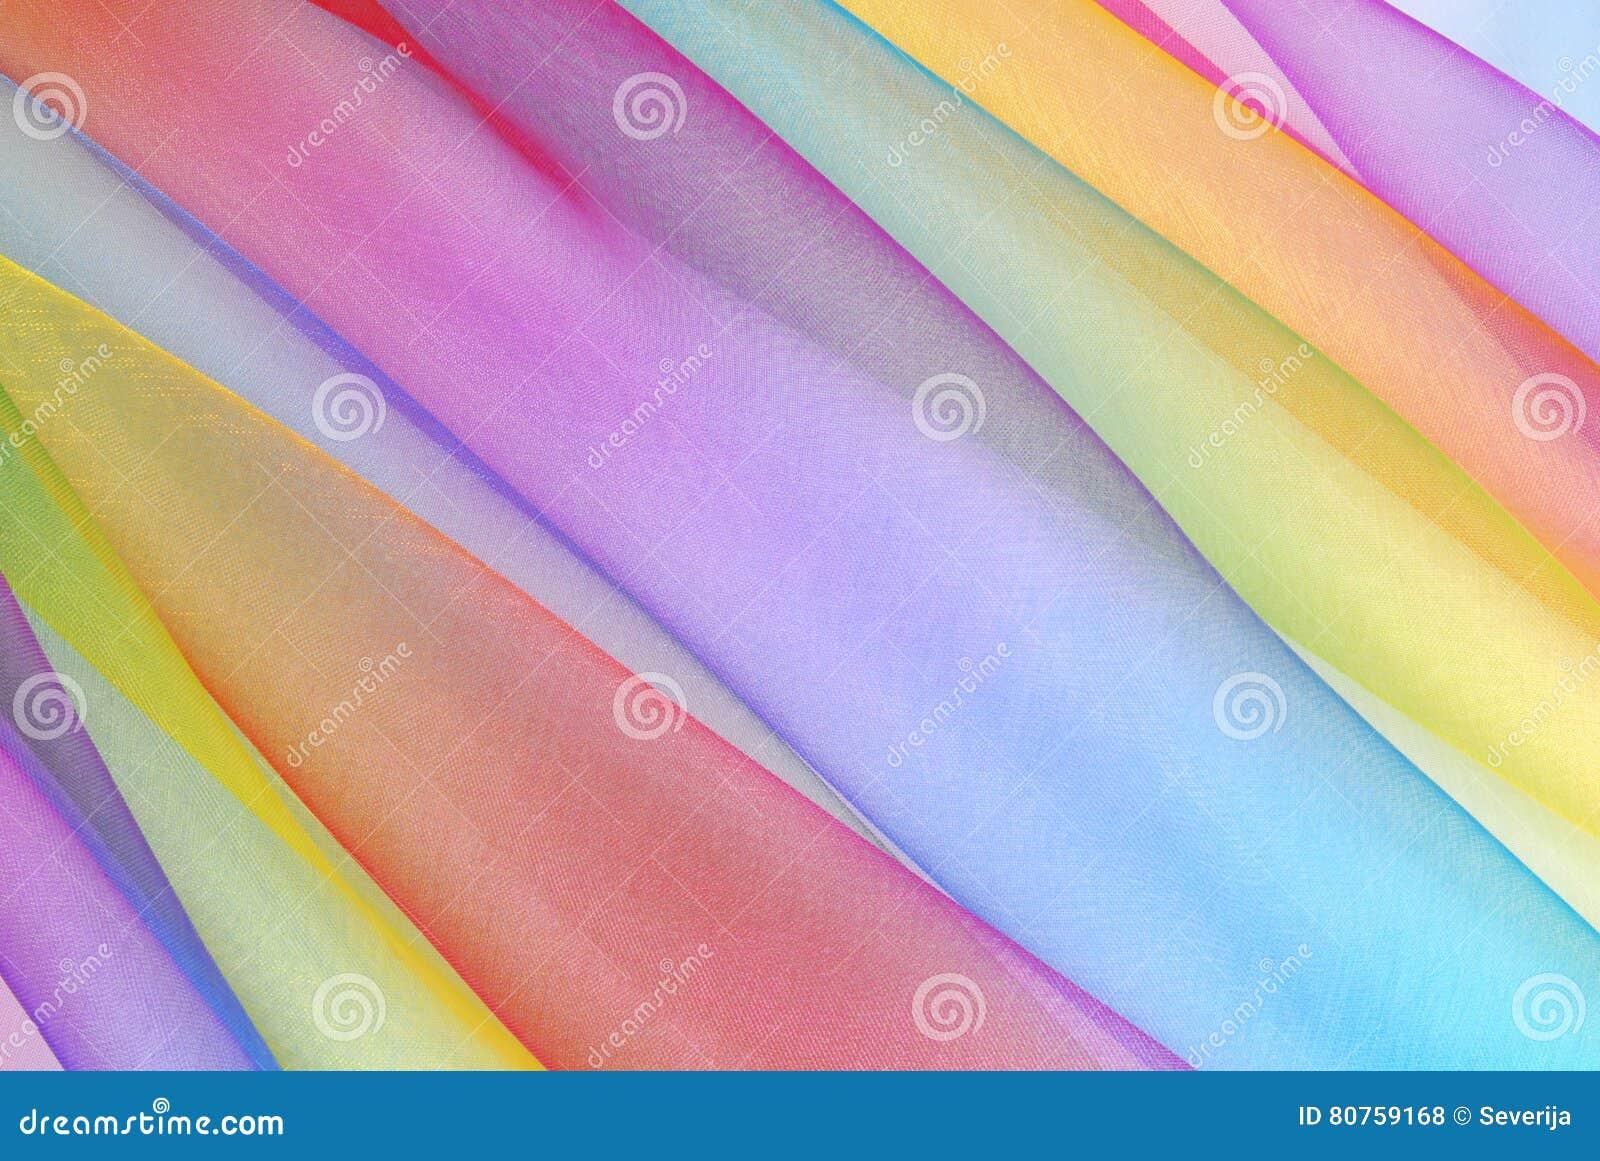 Arc en ciel de tissu d organza photos stock inscription - Image arc en ciel gratuite ...